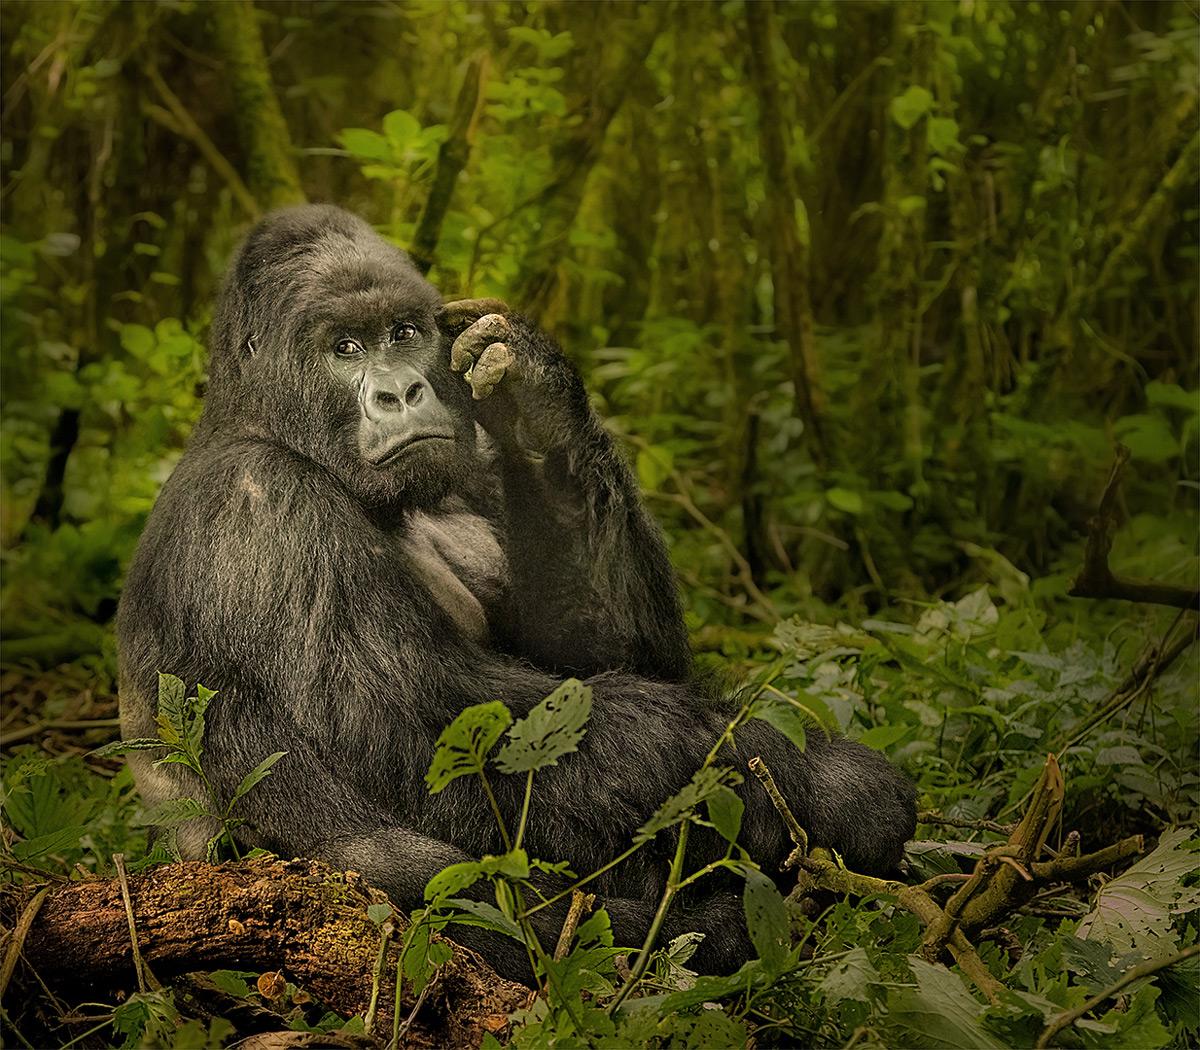 An impressive silverback mountain gorilla in Virunga National Park, Democratic Republic of the Congo © Hesté de Beer